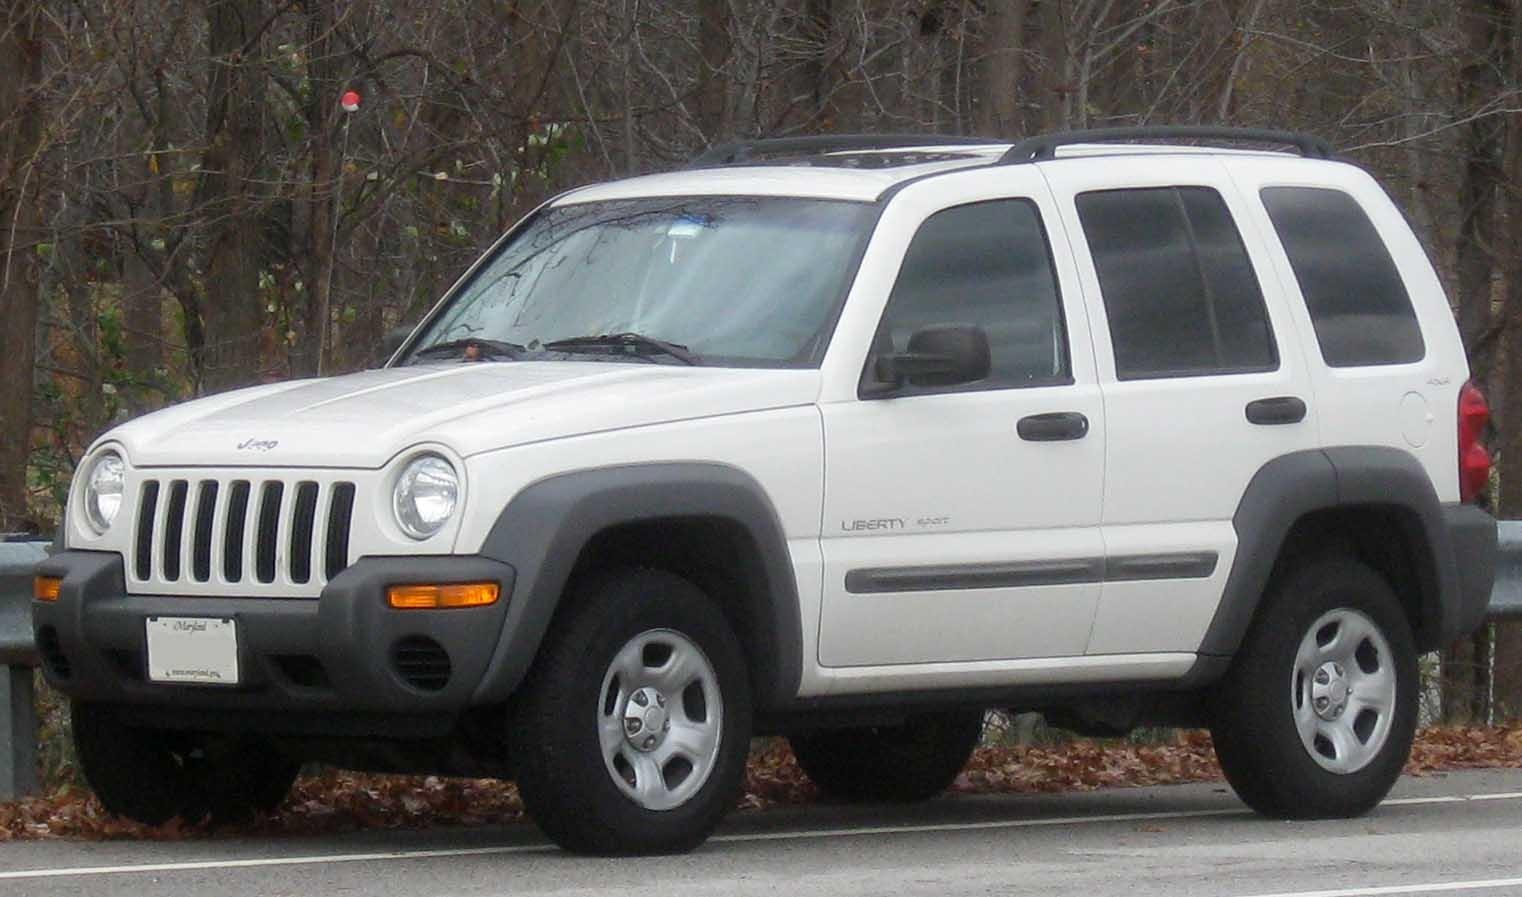 jeep liberty kj service repair manual 2002 2006 downlo rh sellfy com 2004 Jeep Liberty Limited 2004 Jeep Liberty Columbia Edition